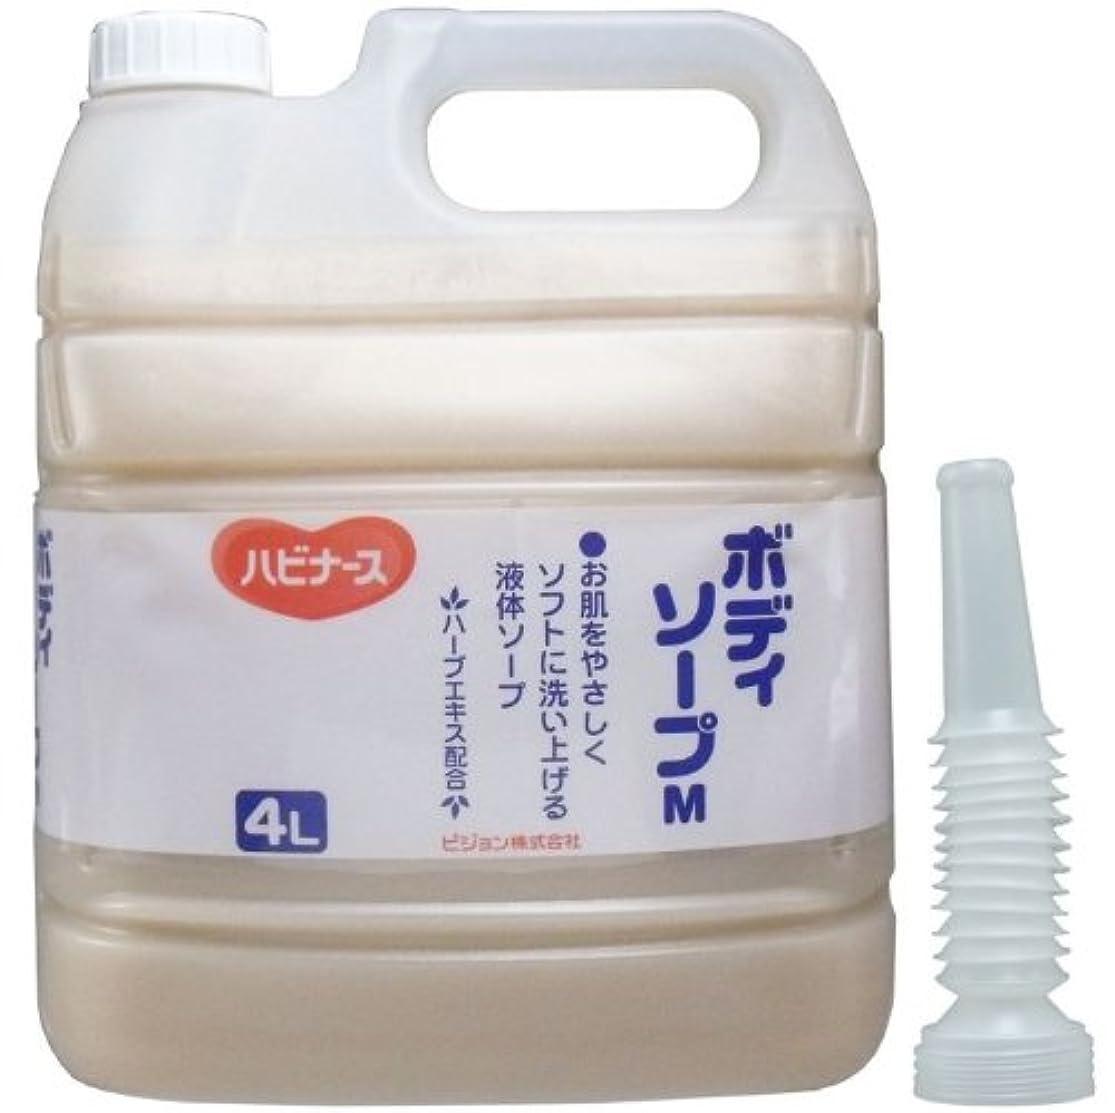 文献年次取り戻す液体ソープ ボディソープ 風呂 石ケン お肌をやさしくソフトに洗い上げる!業務用 4L【4個セット】